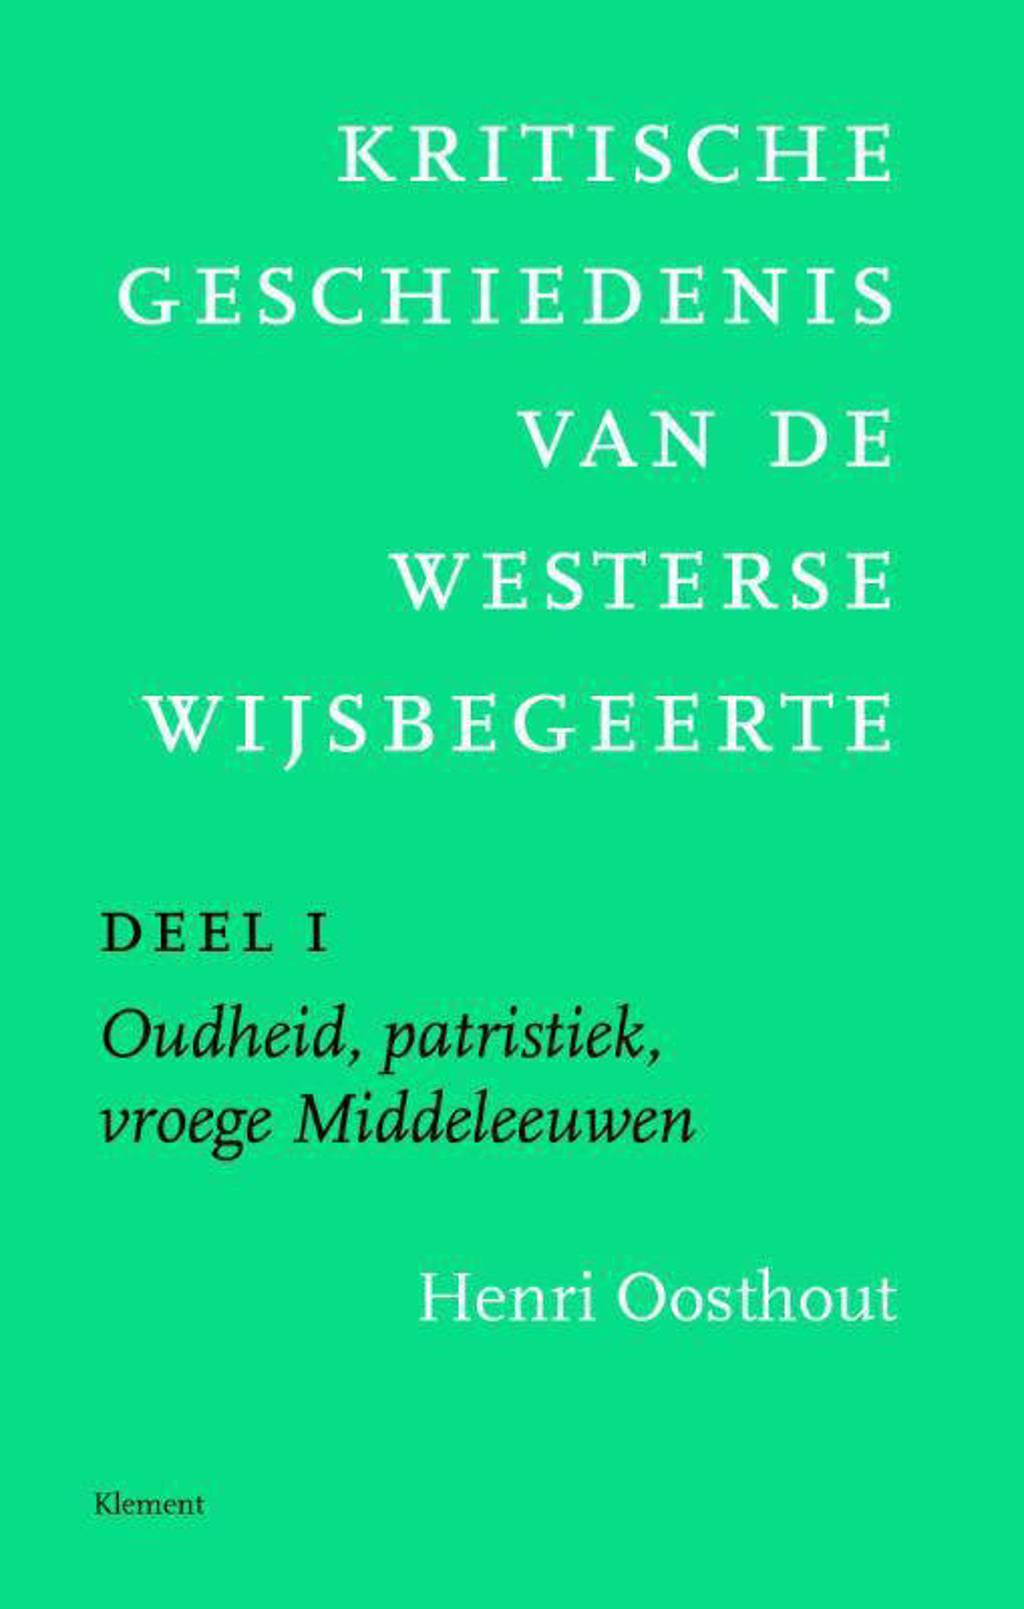 Kritische geschiedenis van de westerse wijsbegeerte 1 Oudheid, patristiek, vroege Middeleeuwen deleeuwen, vroegmoderne tijd - Henri Oosthout